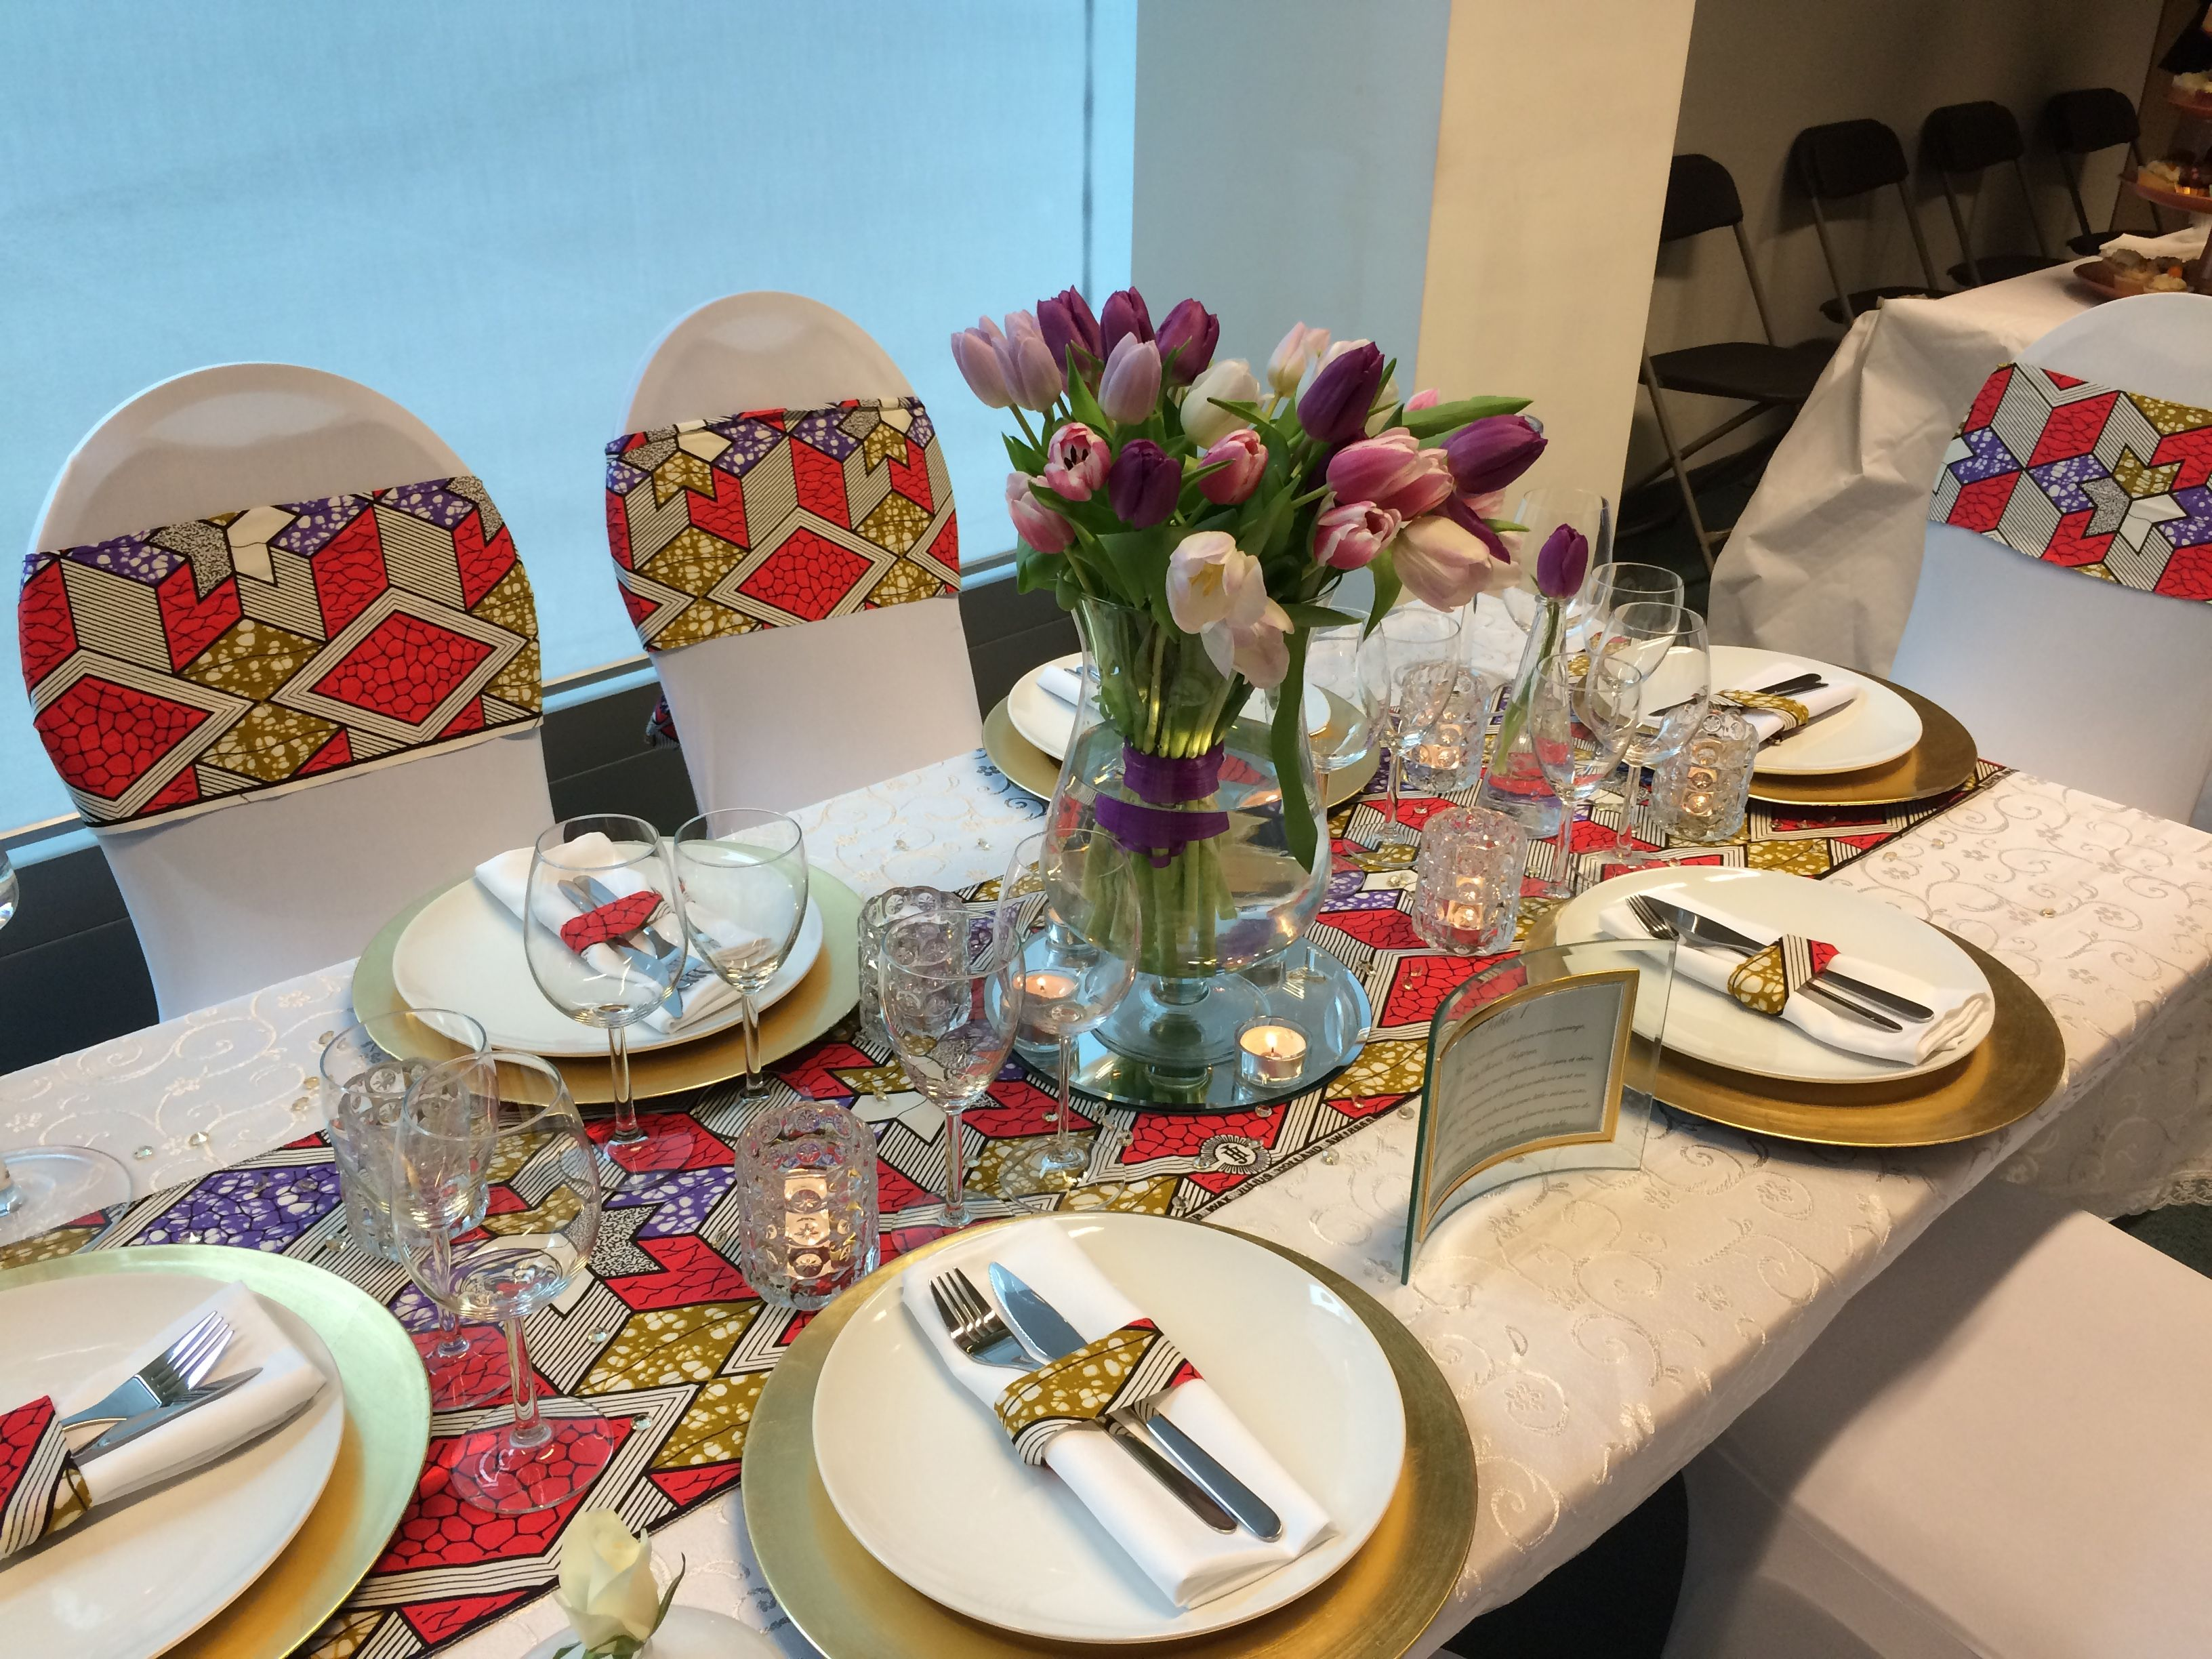 D co de table en pagne chemins de table pinterest mimi deco de table - Decoration mariage traditionnel ...